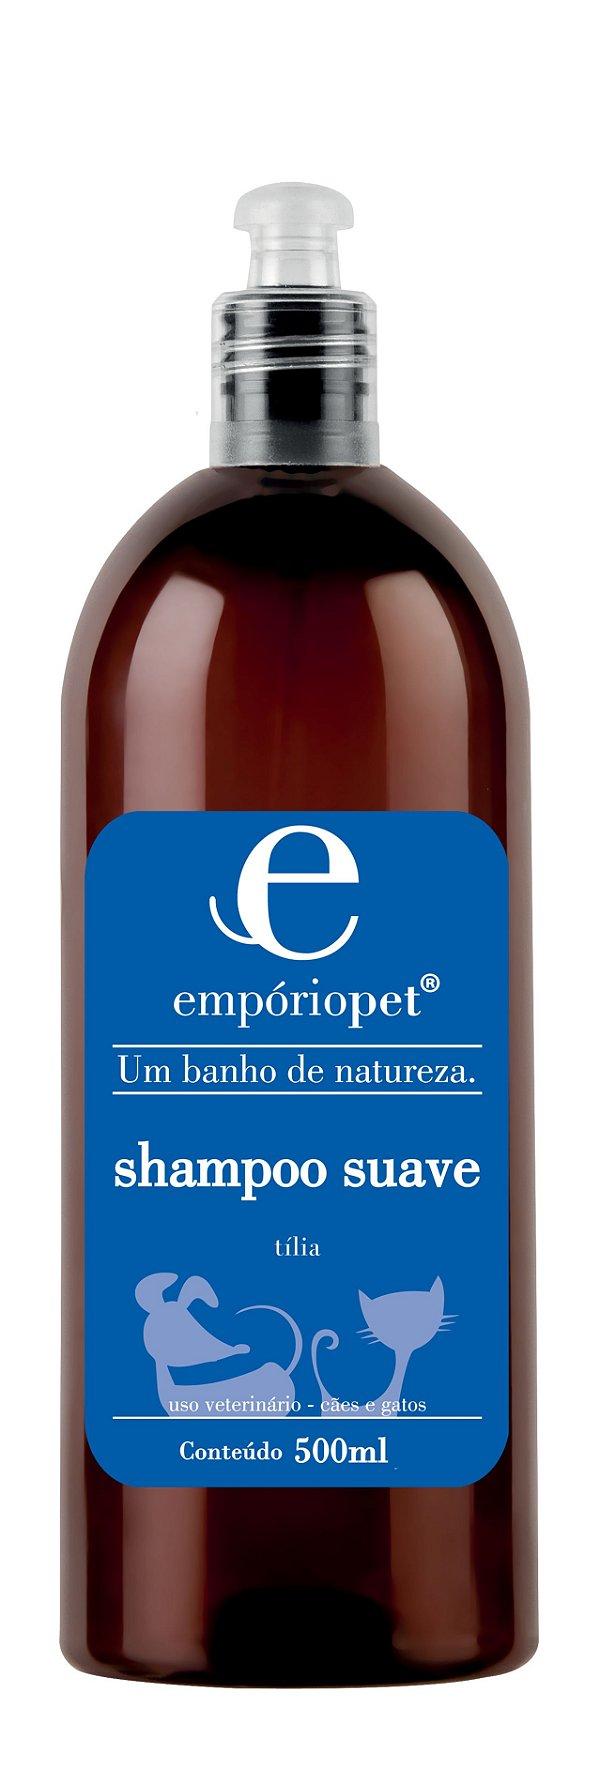 Shampoo Suave Empório Pet